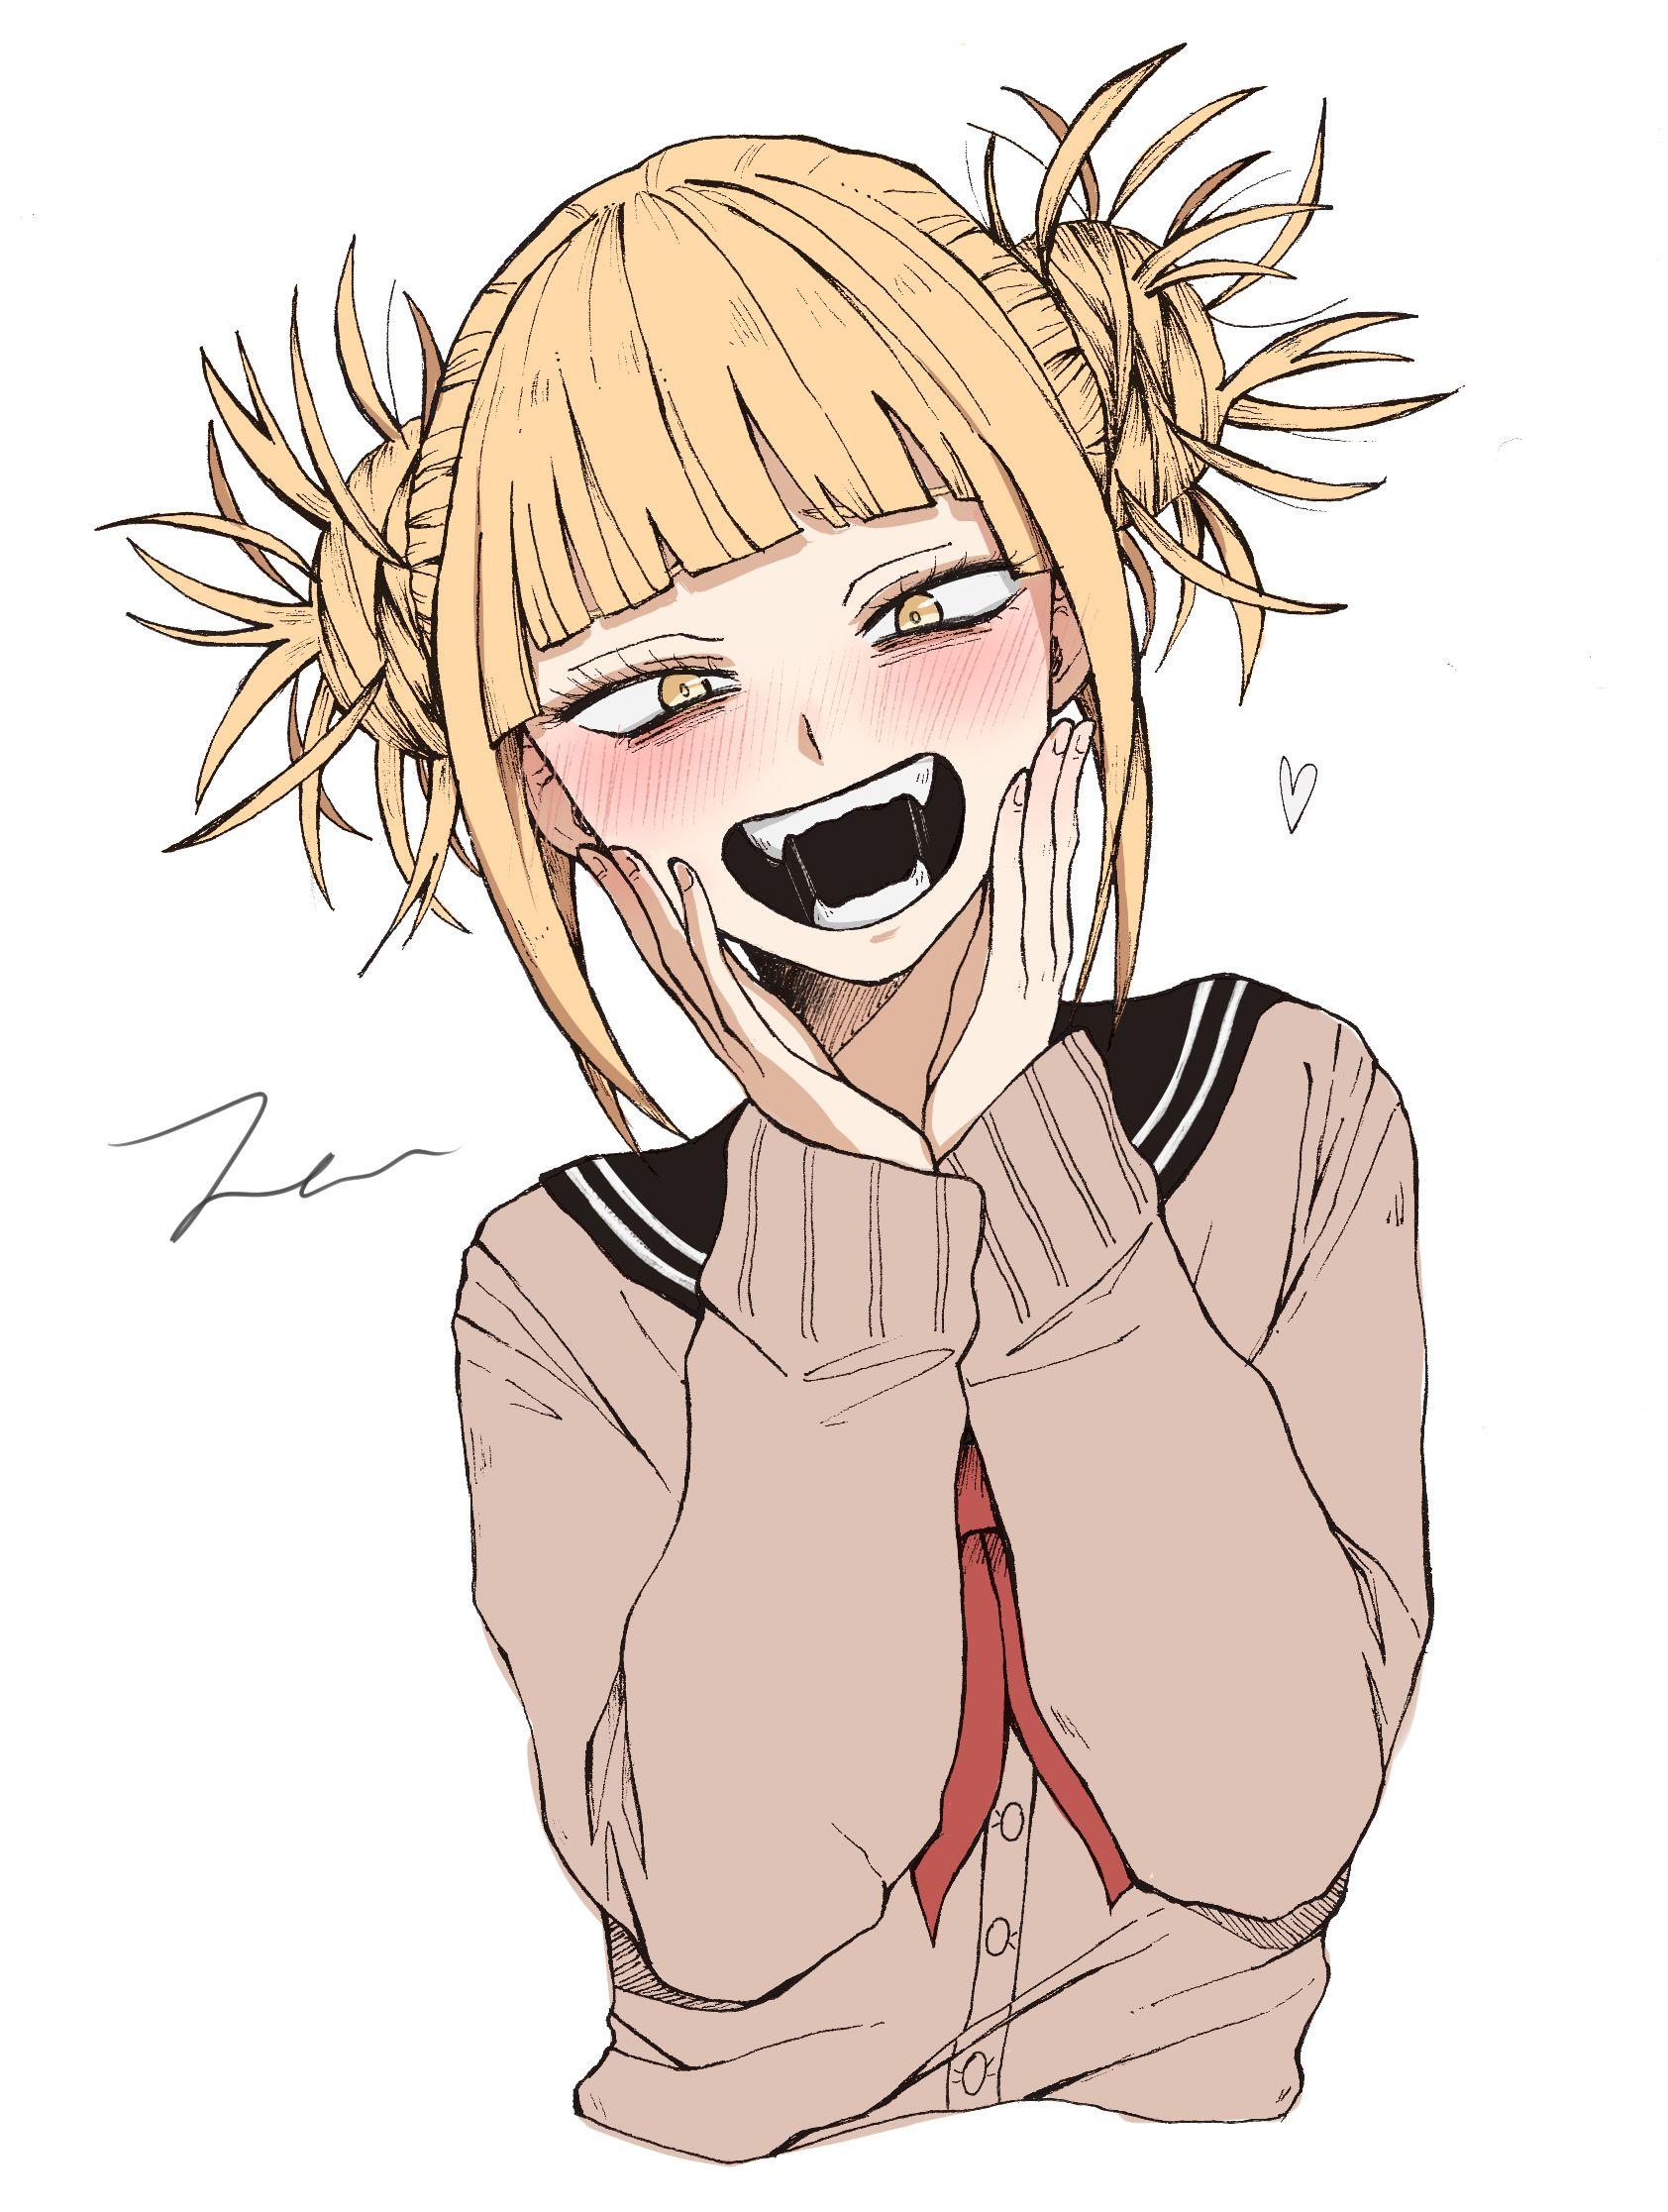 Toga Himiko My Hero Academia Mha Bnha Villain Animegirl Anime Plusultra My Hero Academia Manga Toga My Hero